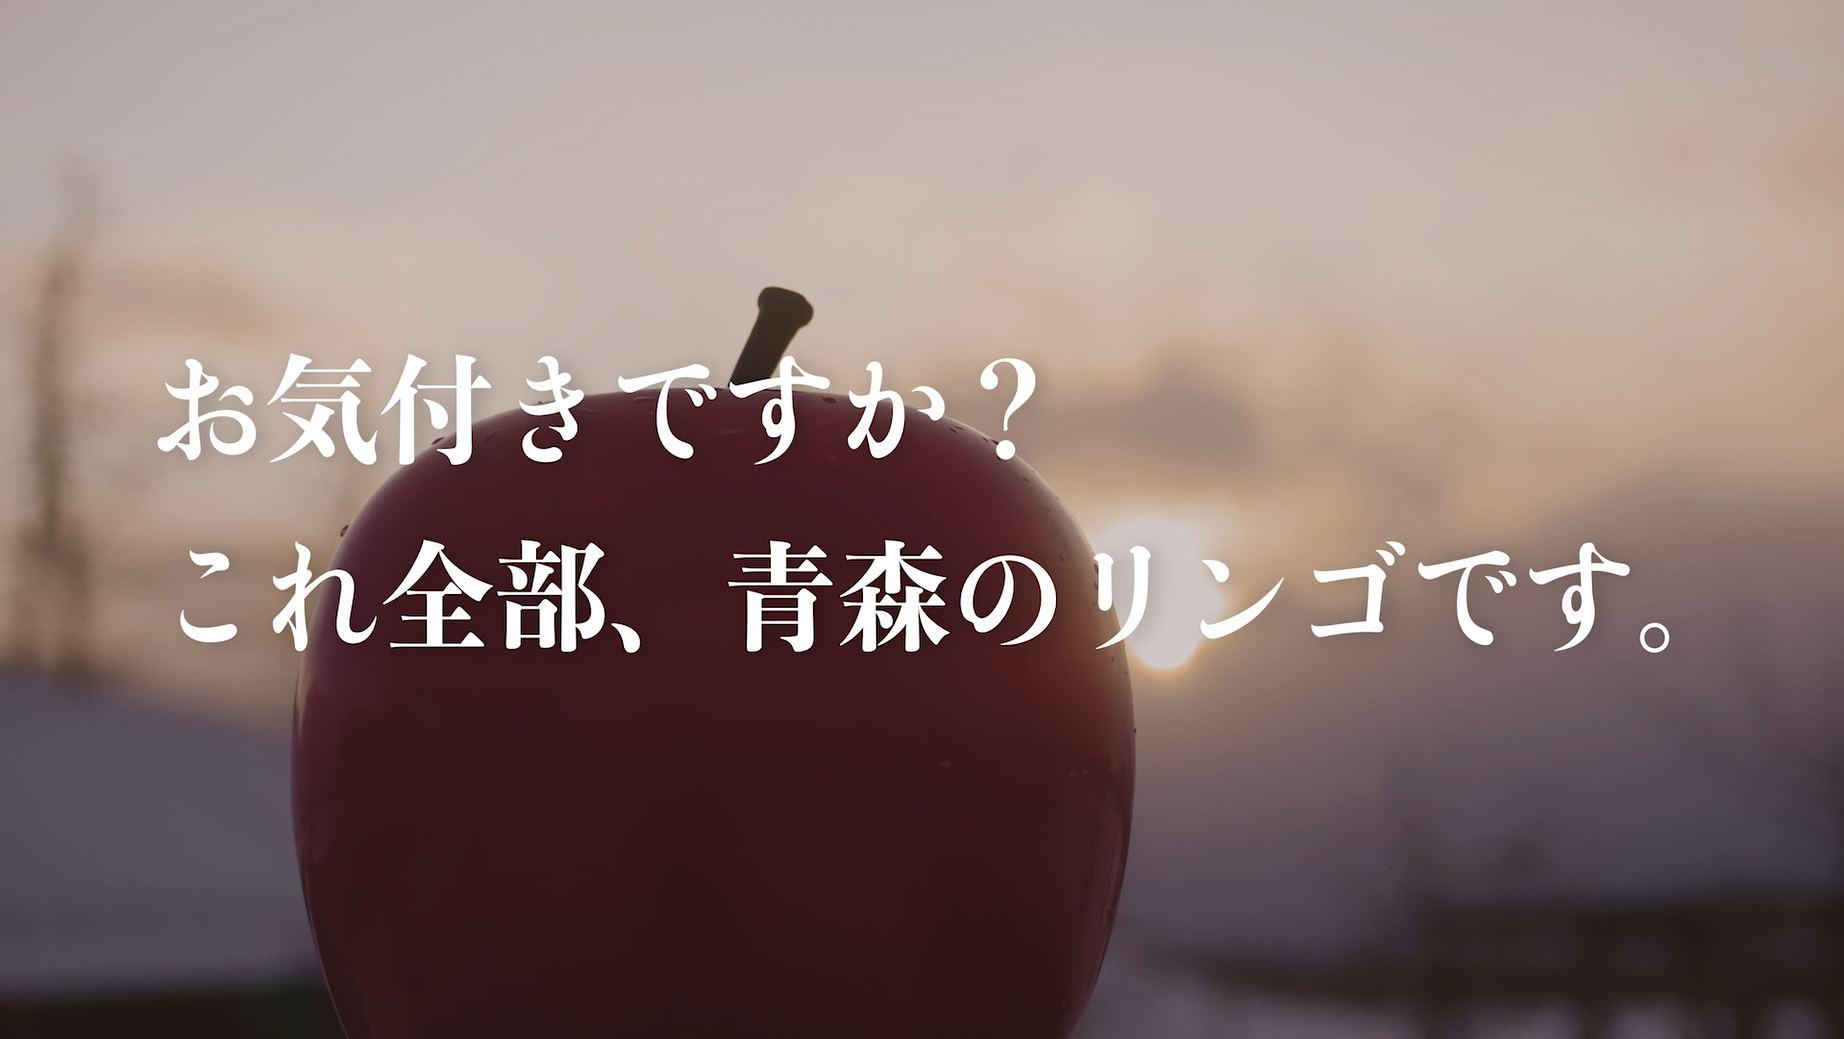 あおもりんごのCMテロップ「お気付きですか? これ全部、青森のリンゴです。」